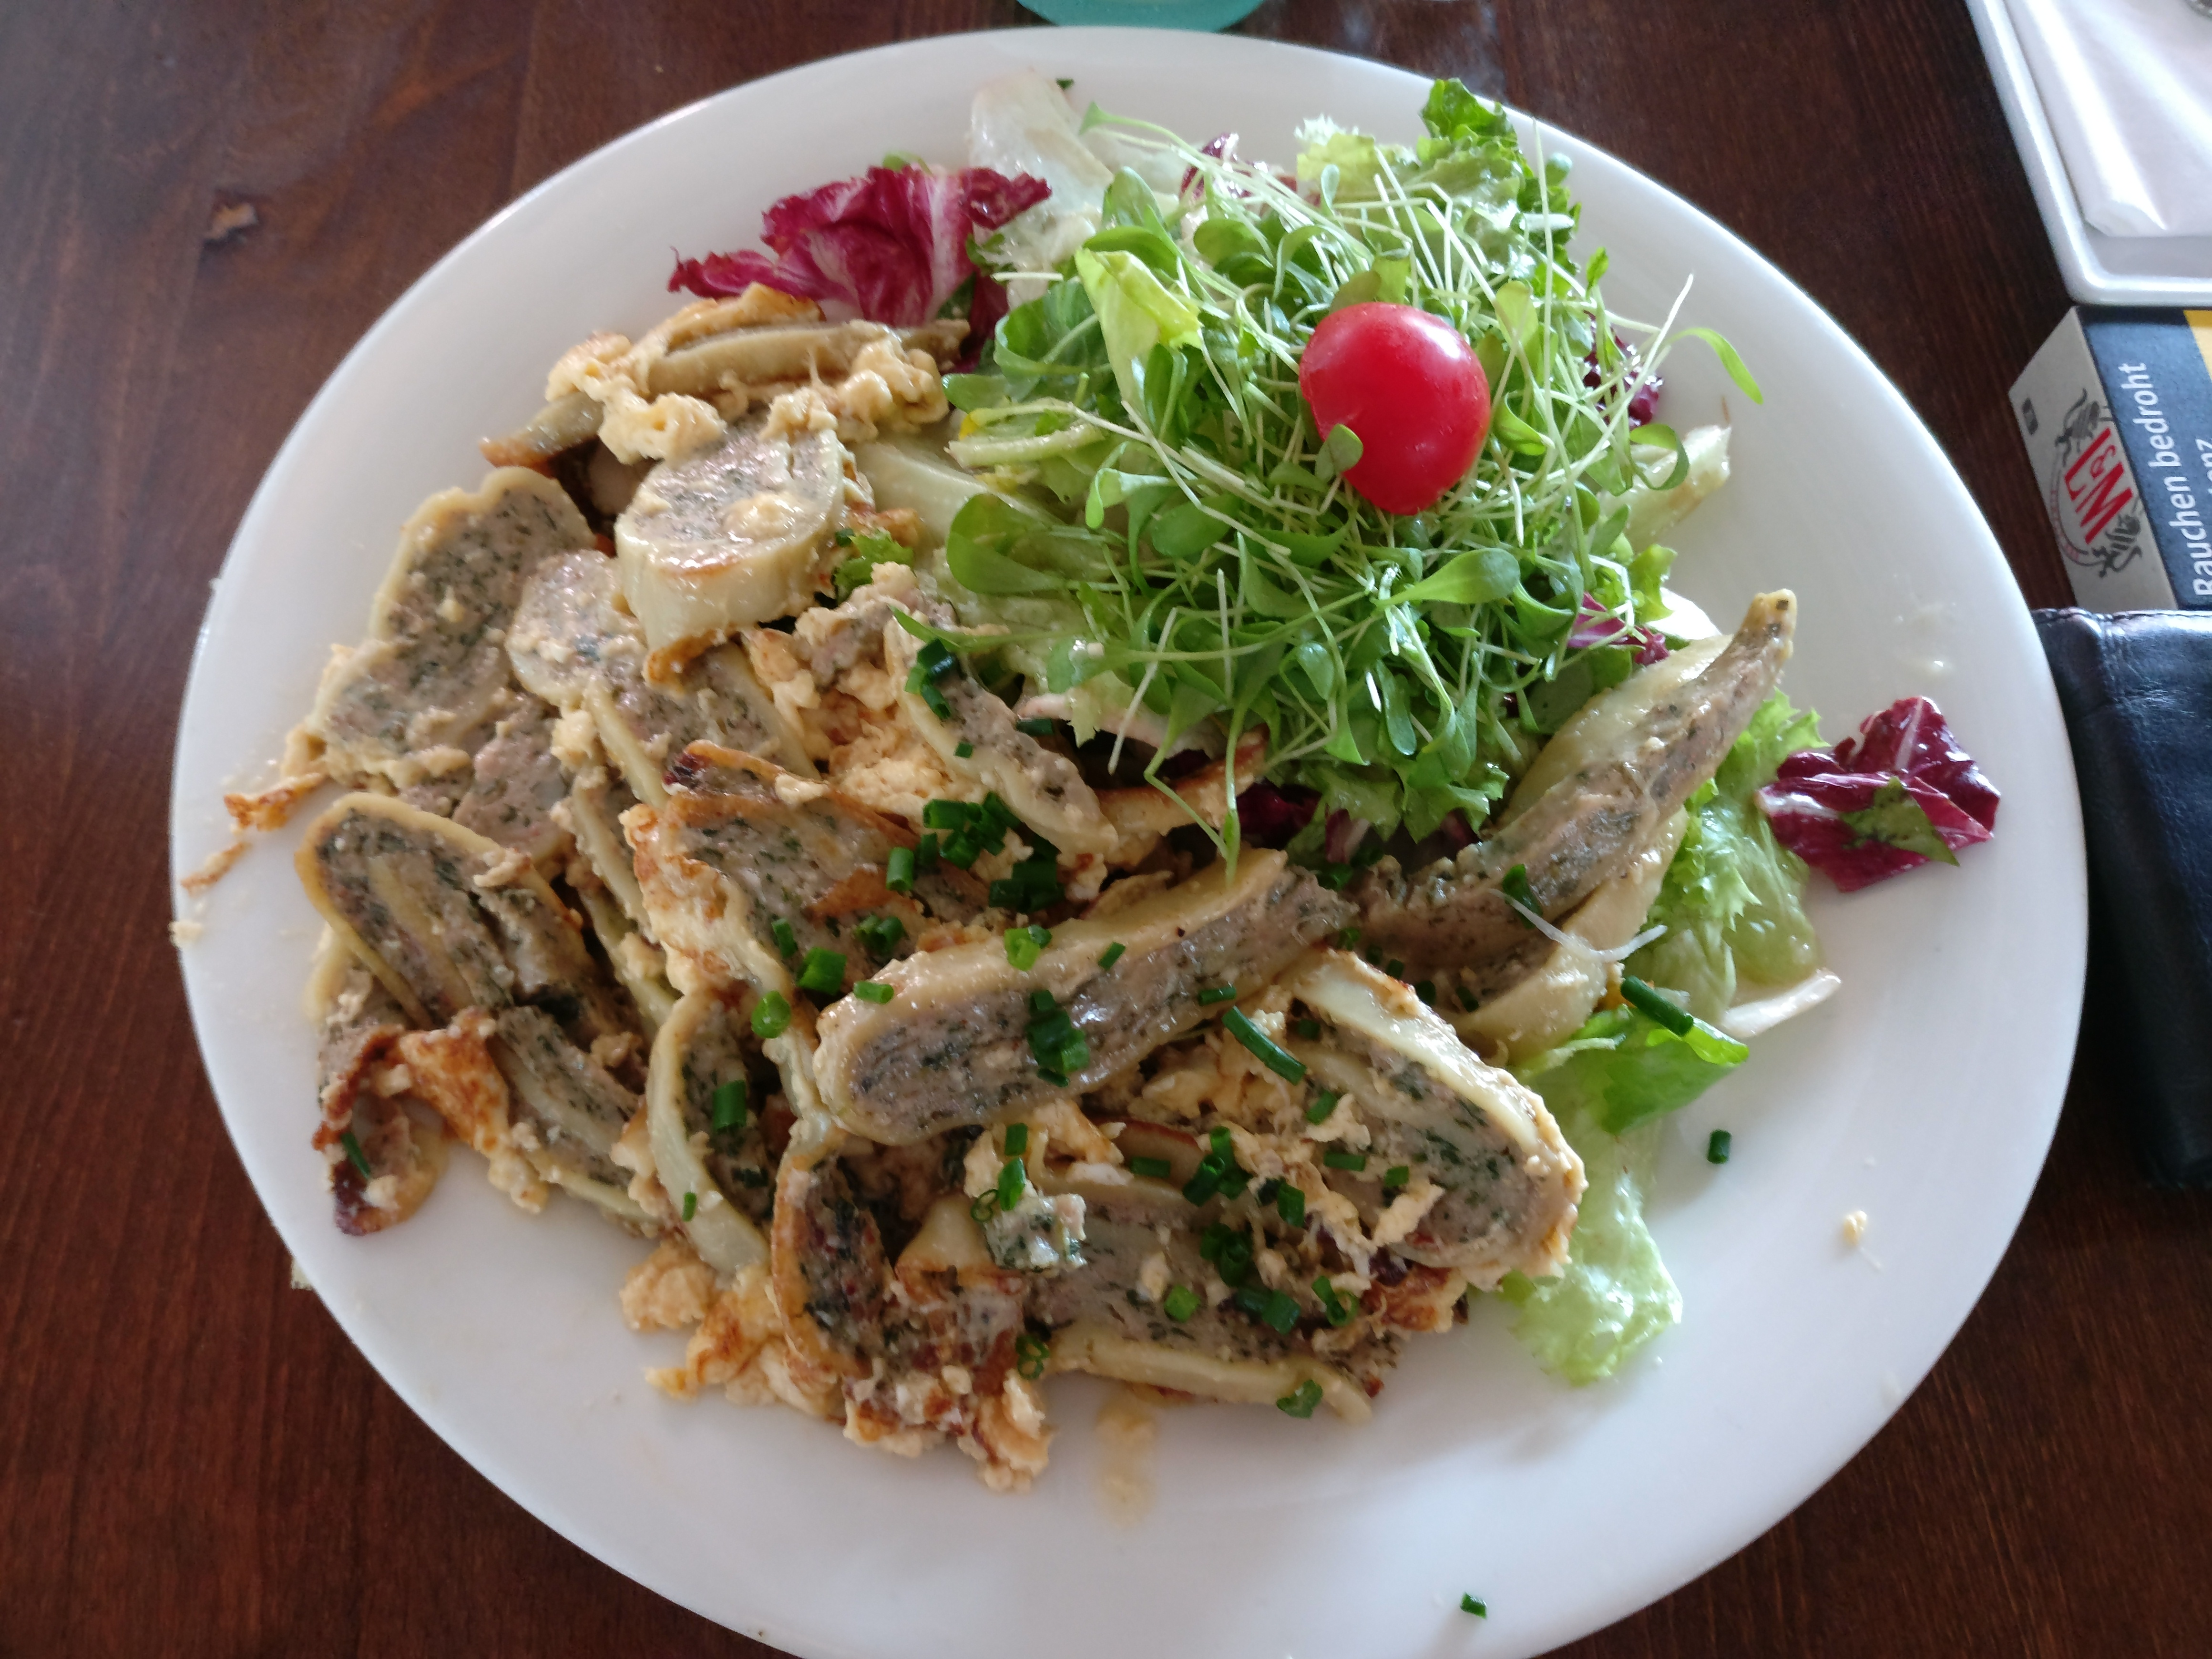 http://foodloader.net/nico_2017-07-03_gebratene-maultaschen-mit-ei-und-salat.jpg